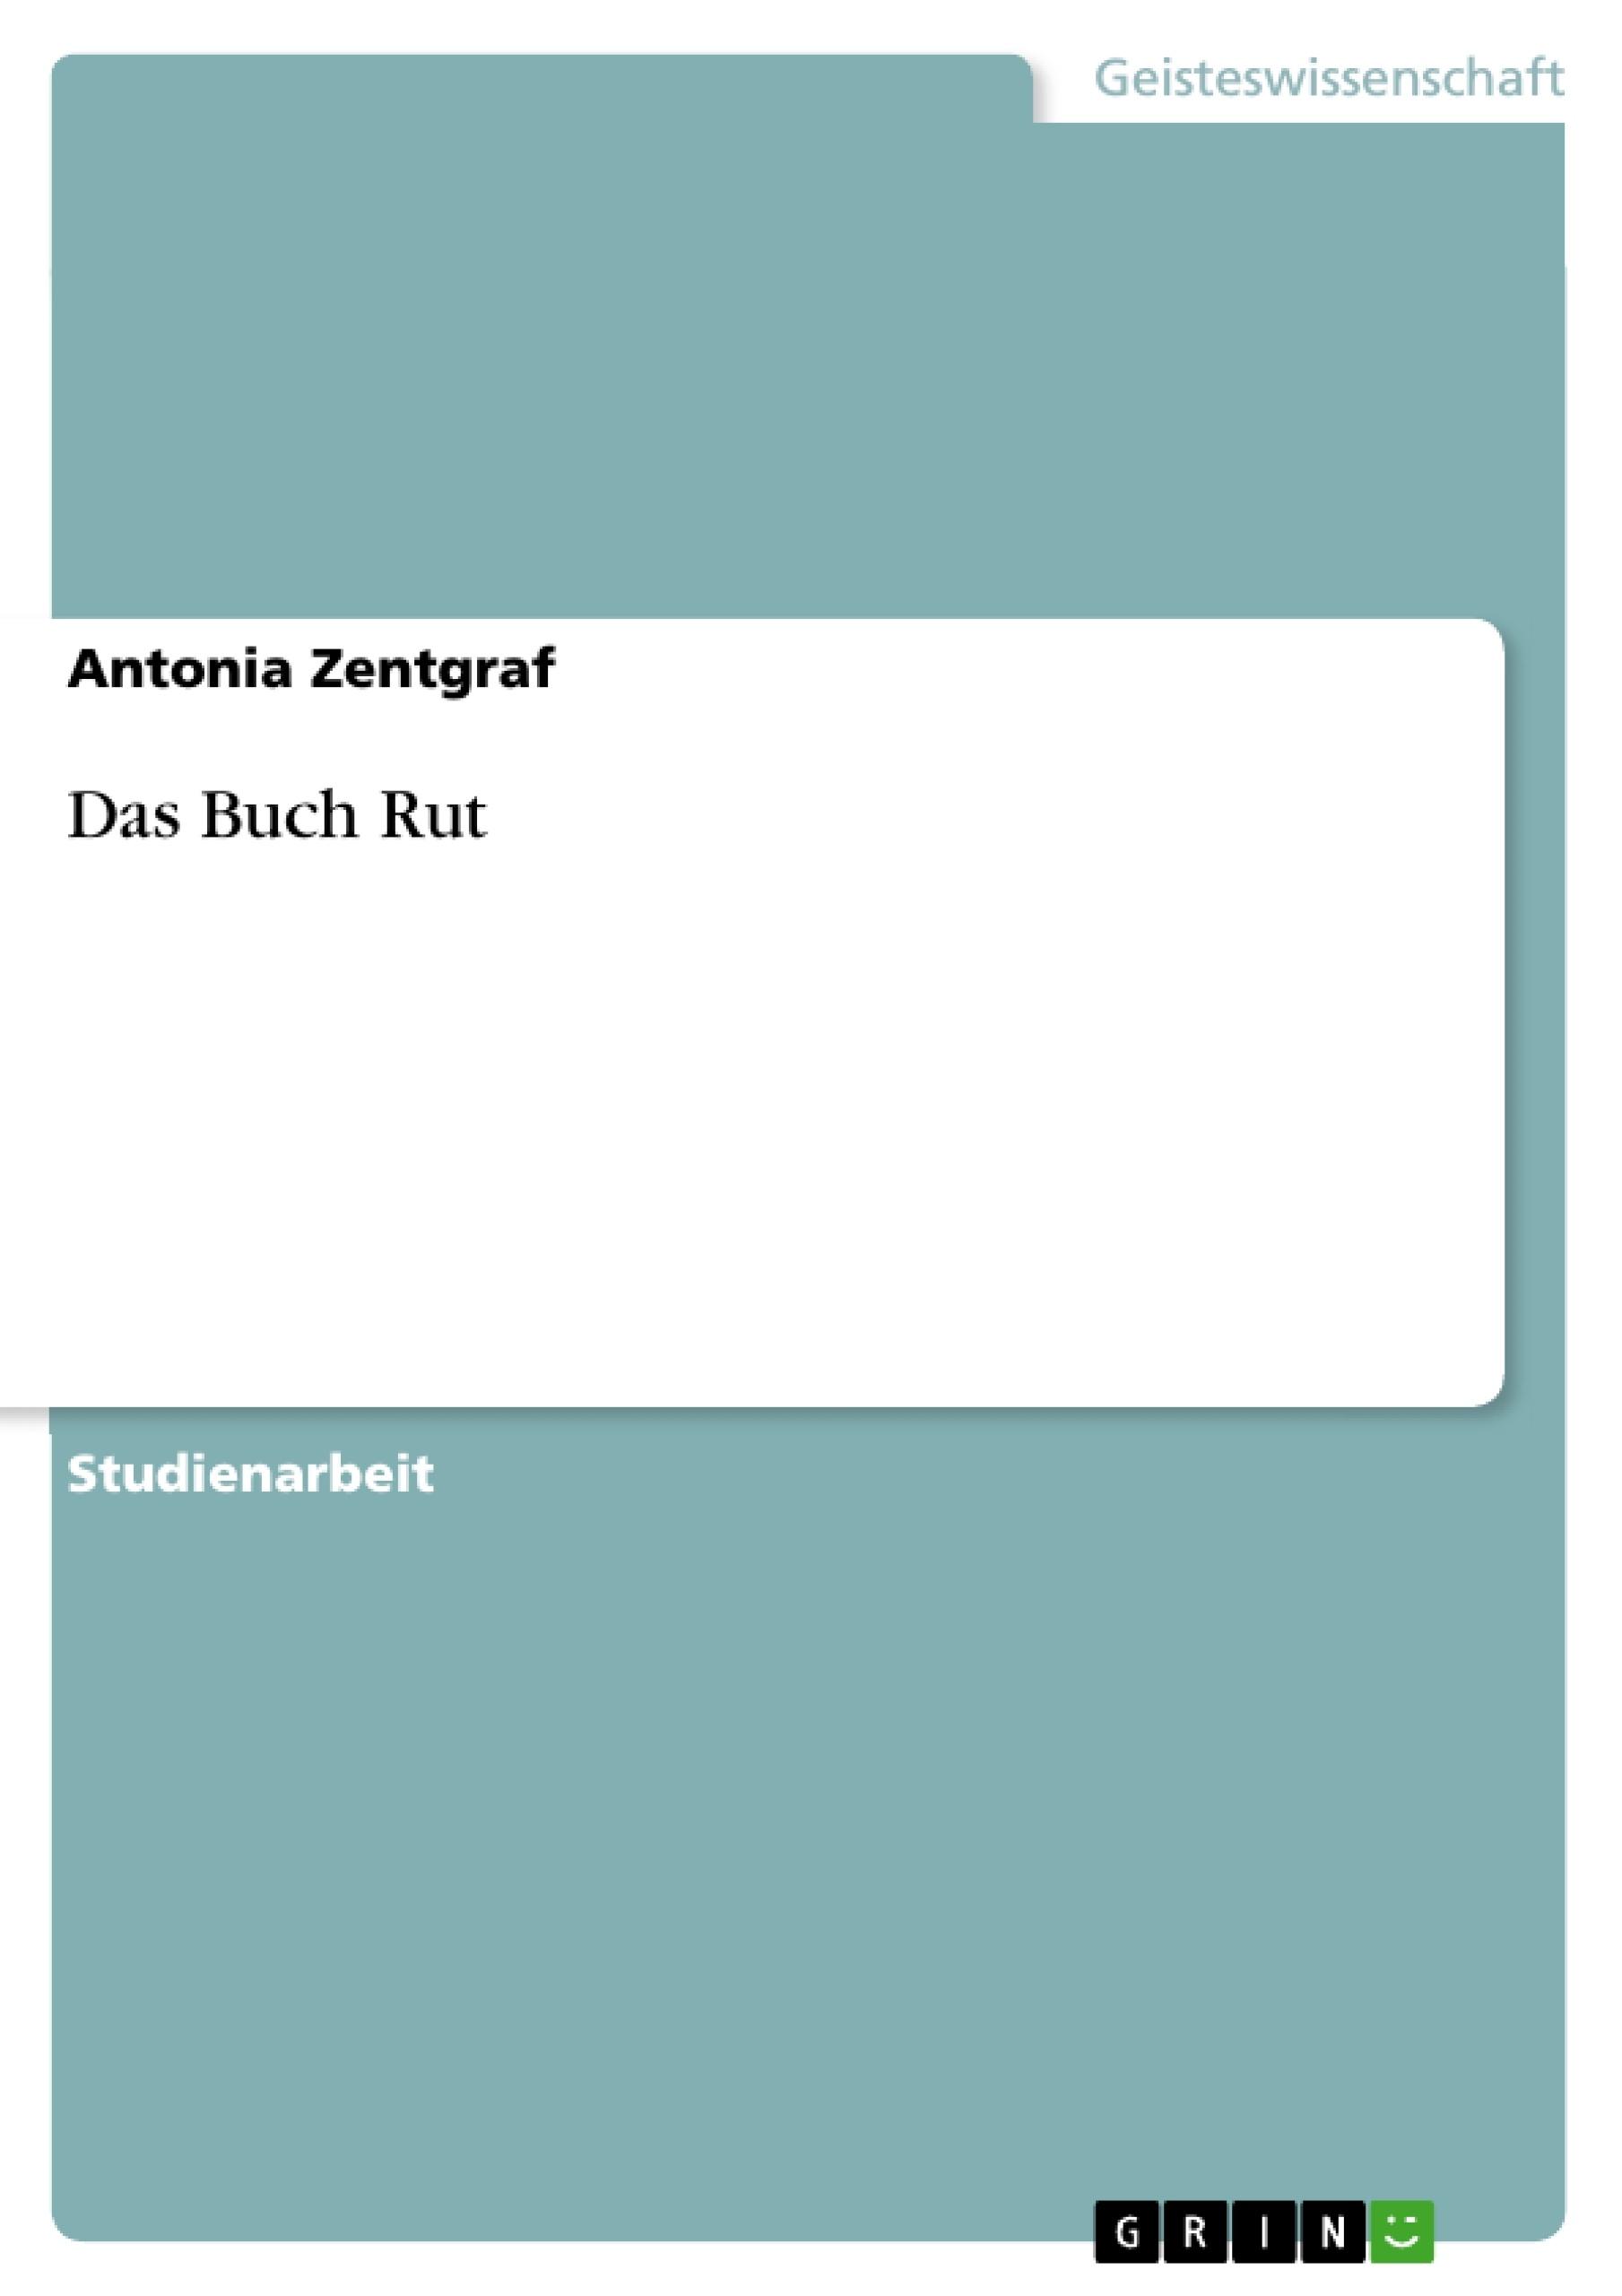 Titel: Das Buch Rut